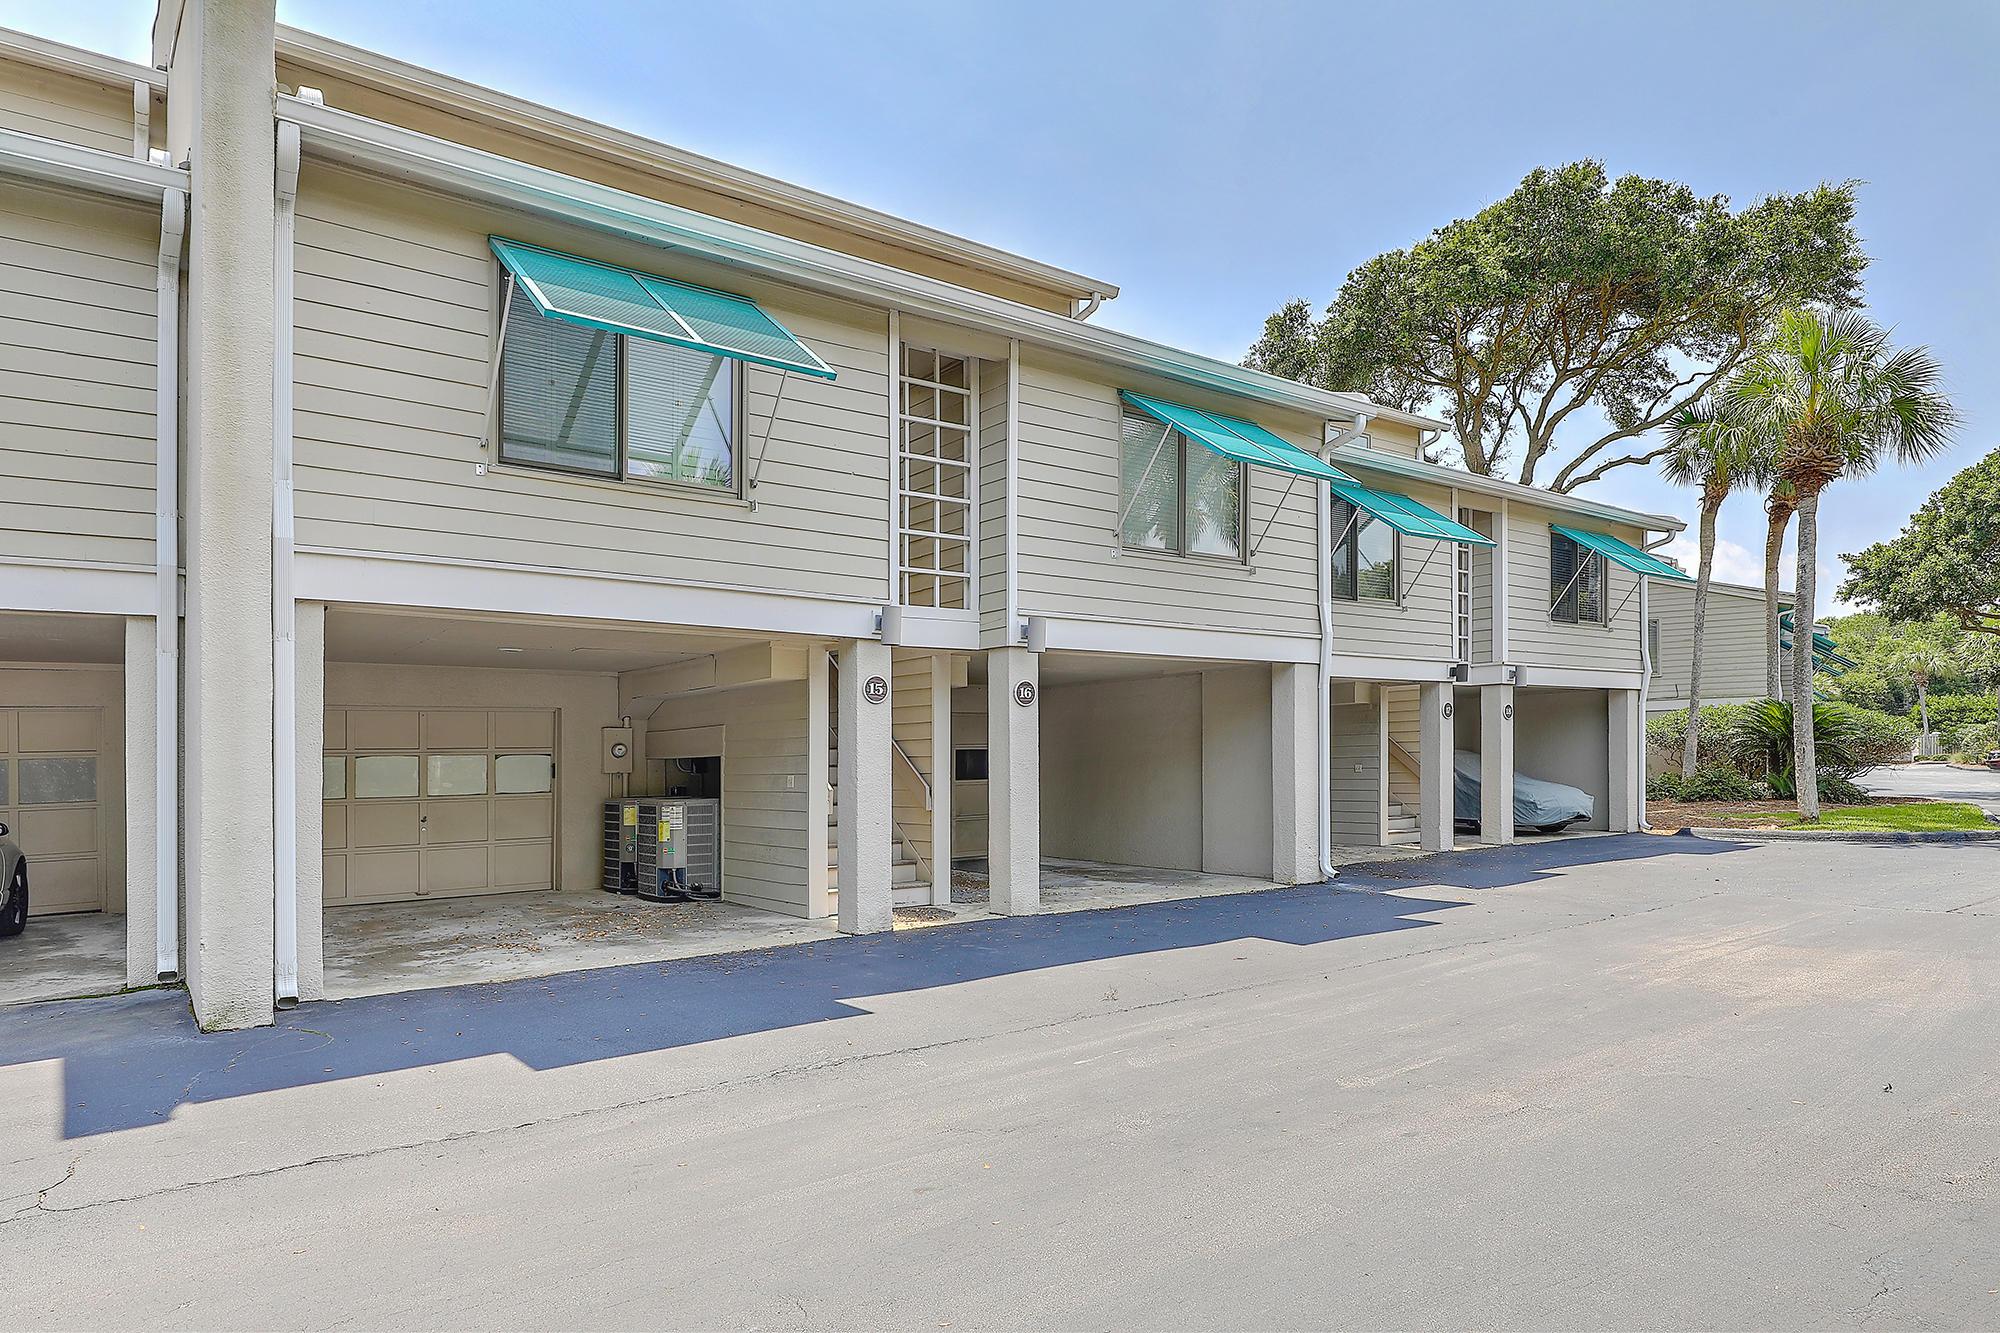 Beach Club Villas Homes For Sale - 15 Beach Club Villas, Isle of Palms, SC - 9